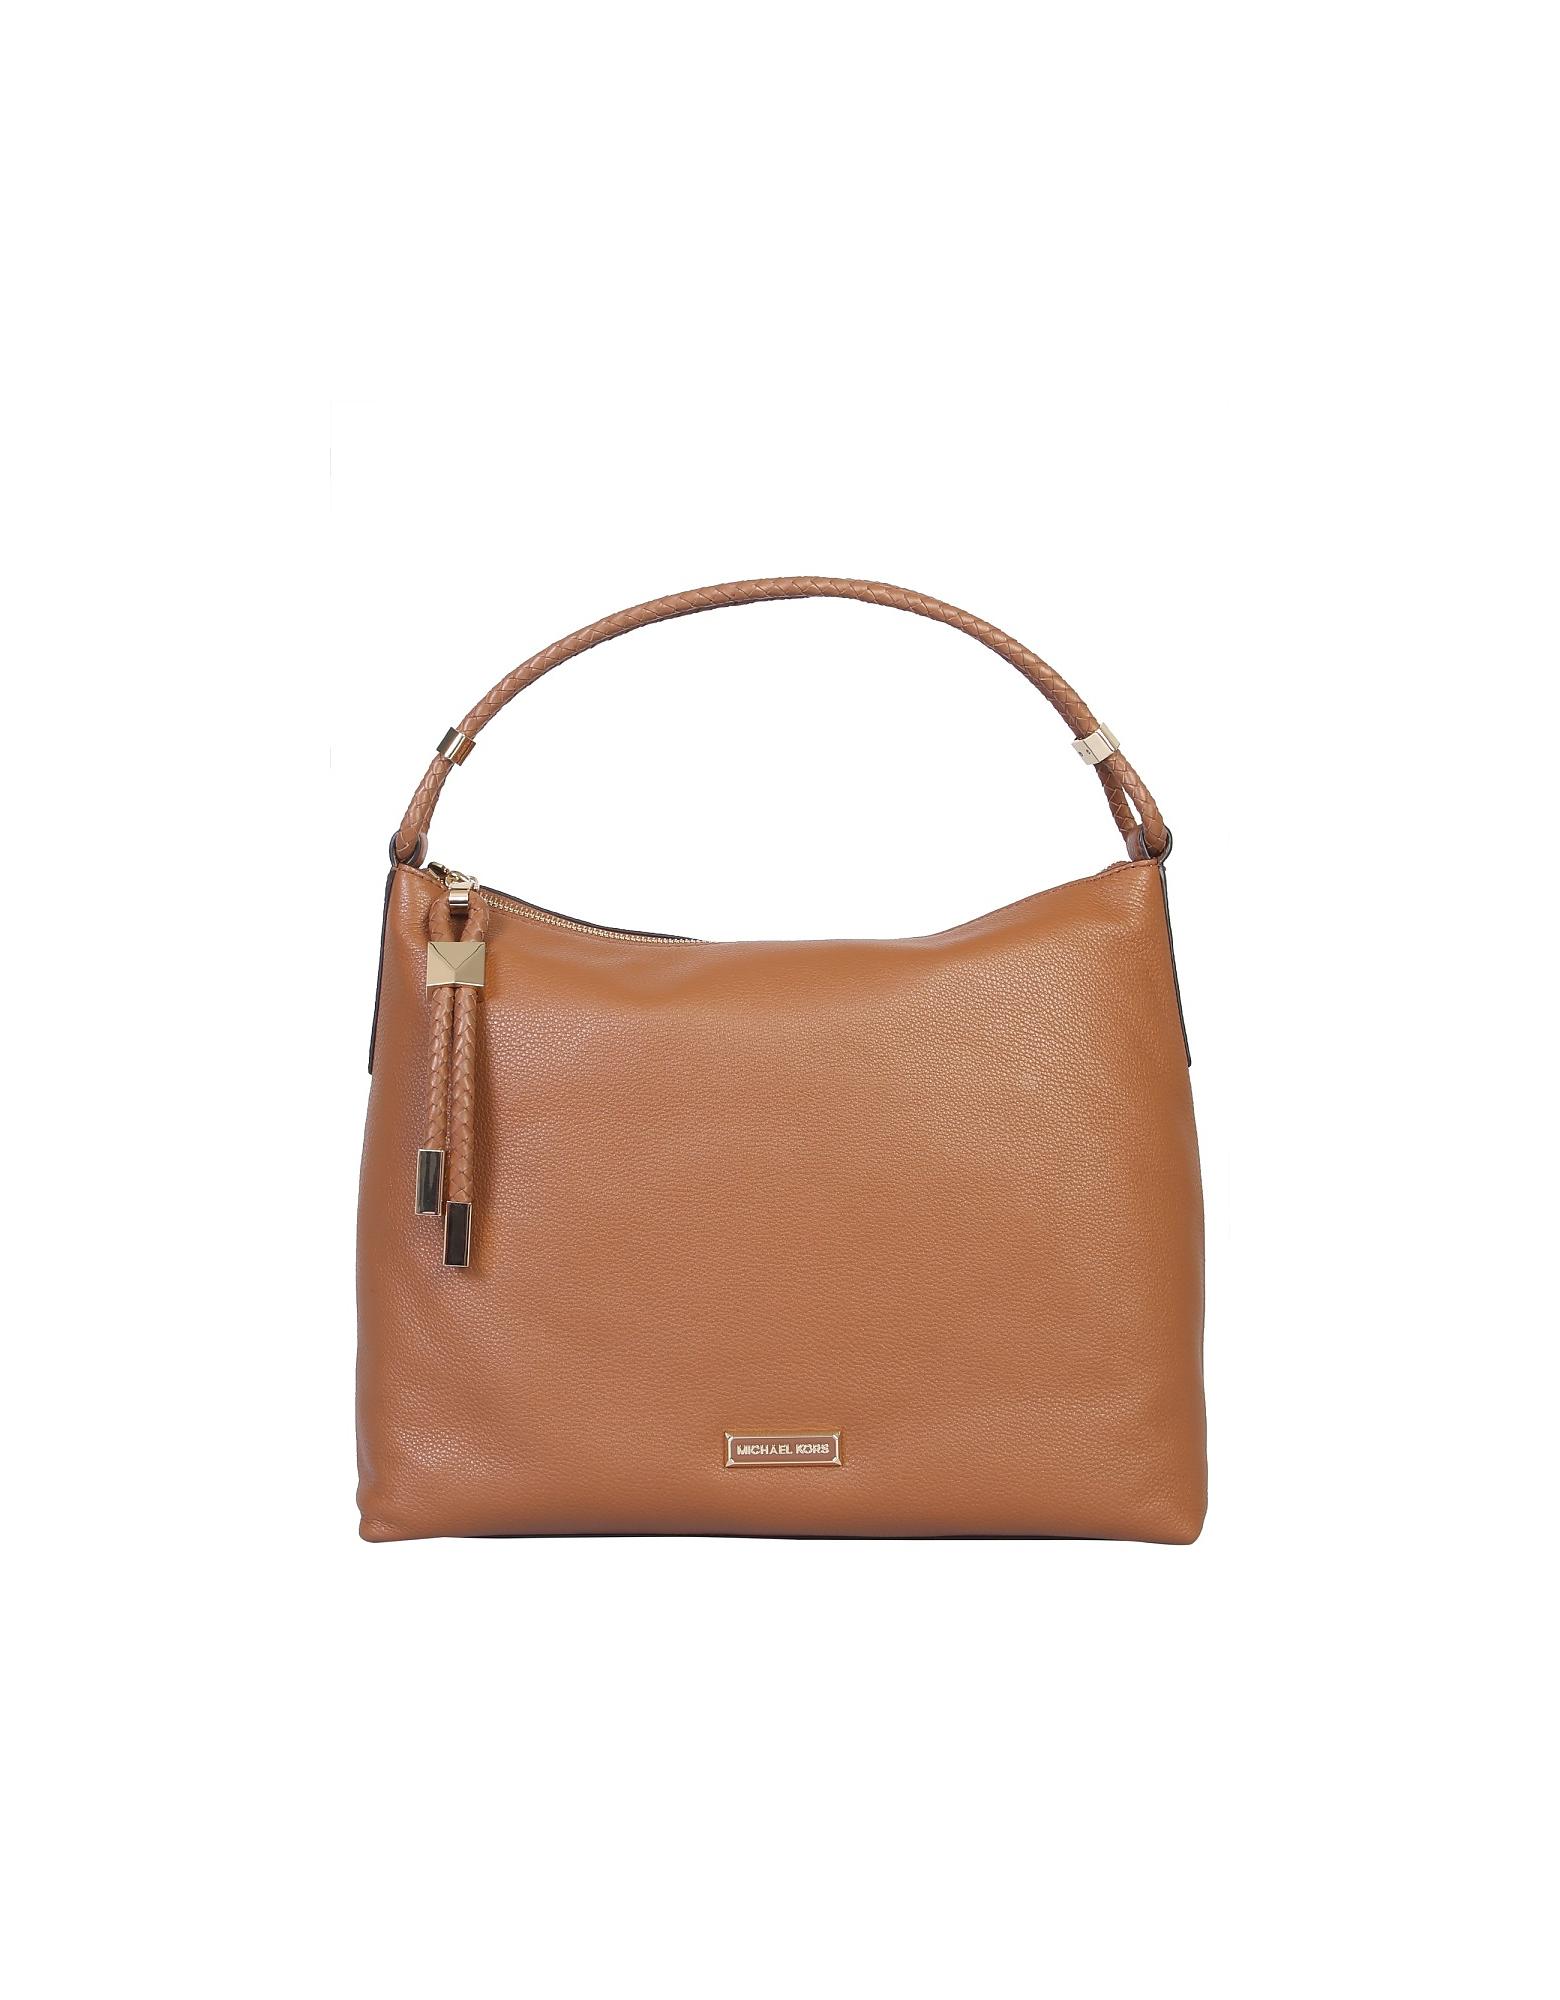 Michael Kors Designer Handbags, Lexington Shoulder Bag